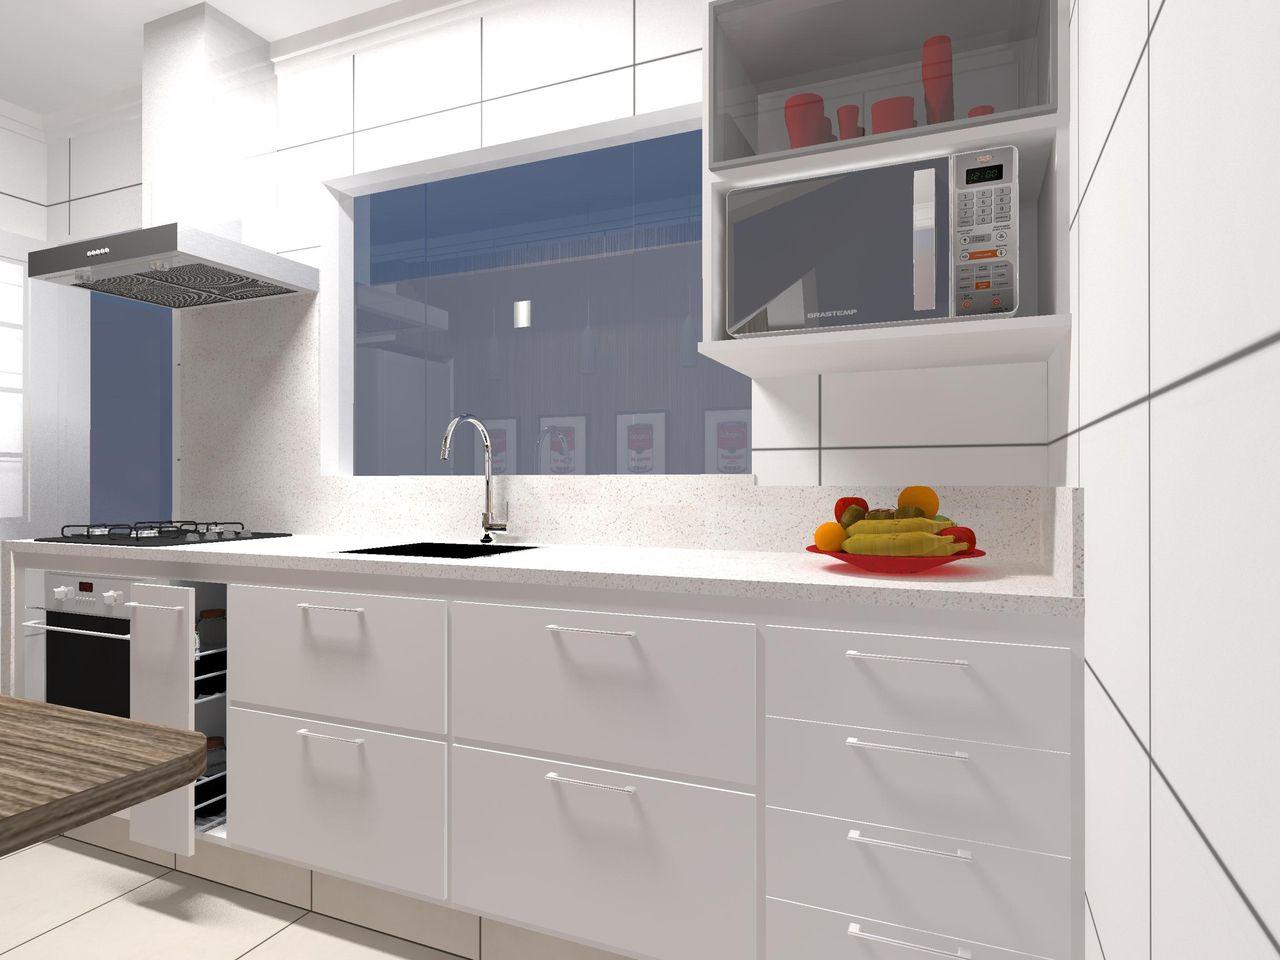 Cozinha Planejada Compacta Resimden Com